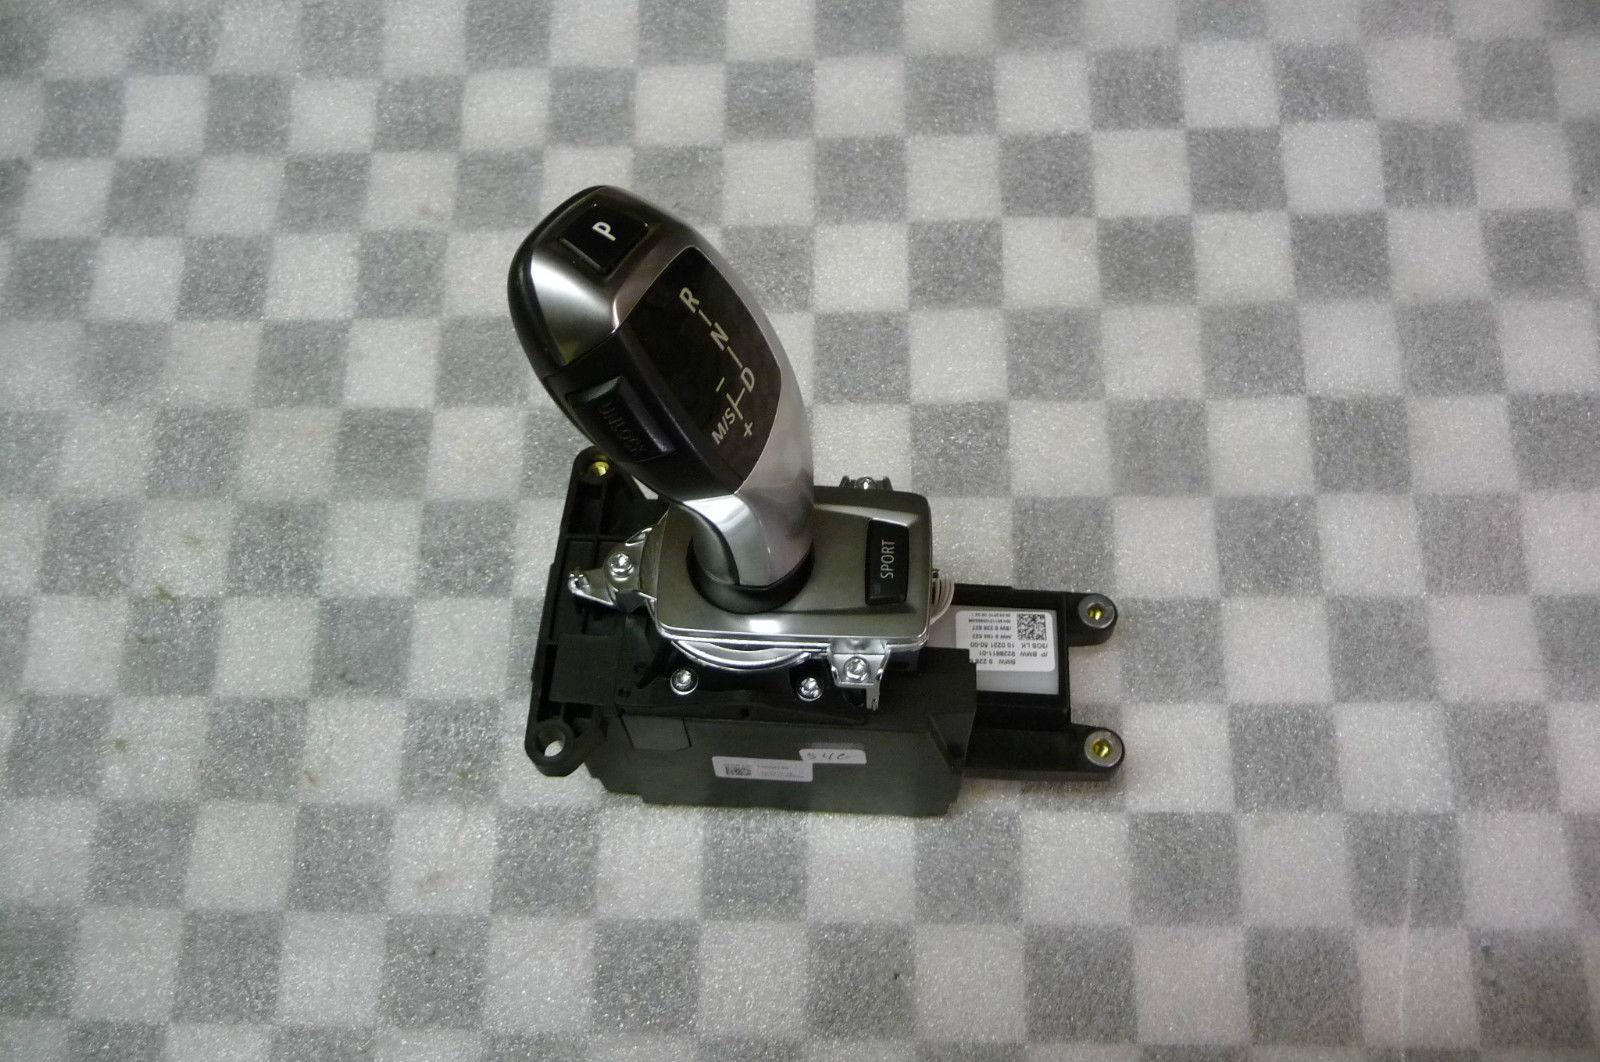 BMW X5 X6 Gearshift Gear Selector Switch Shifter 61319228611 OEM OE